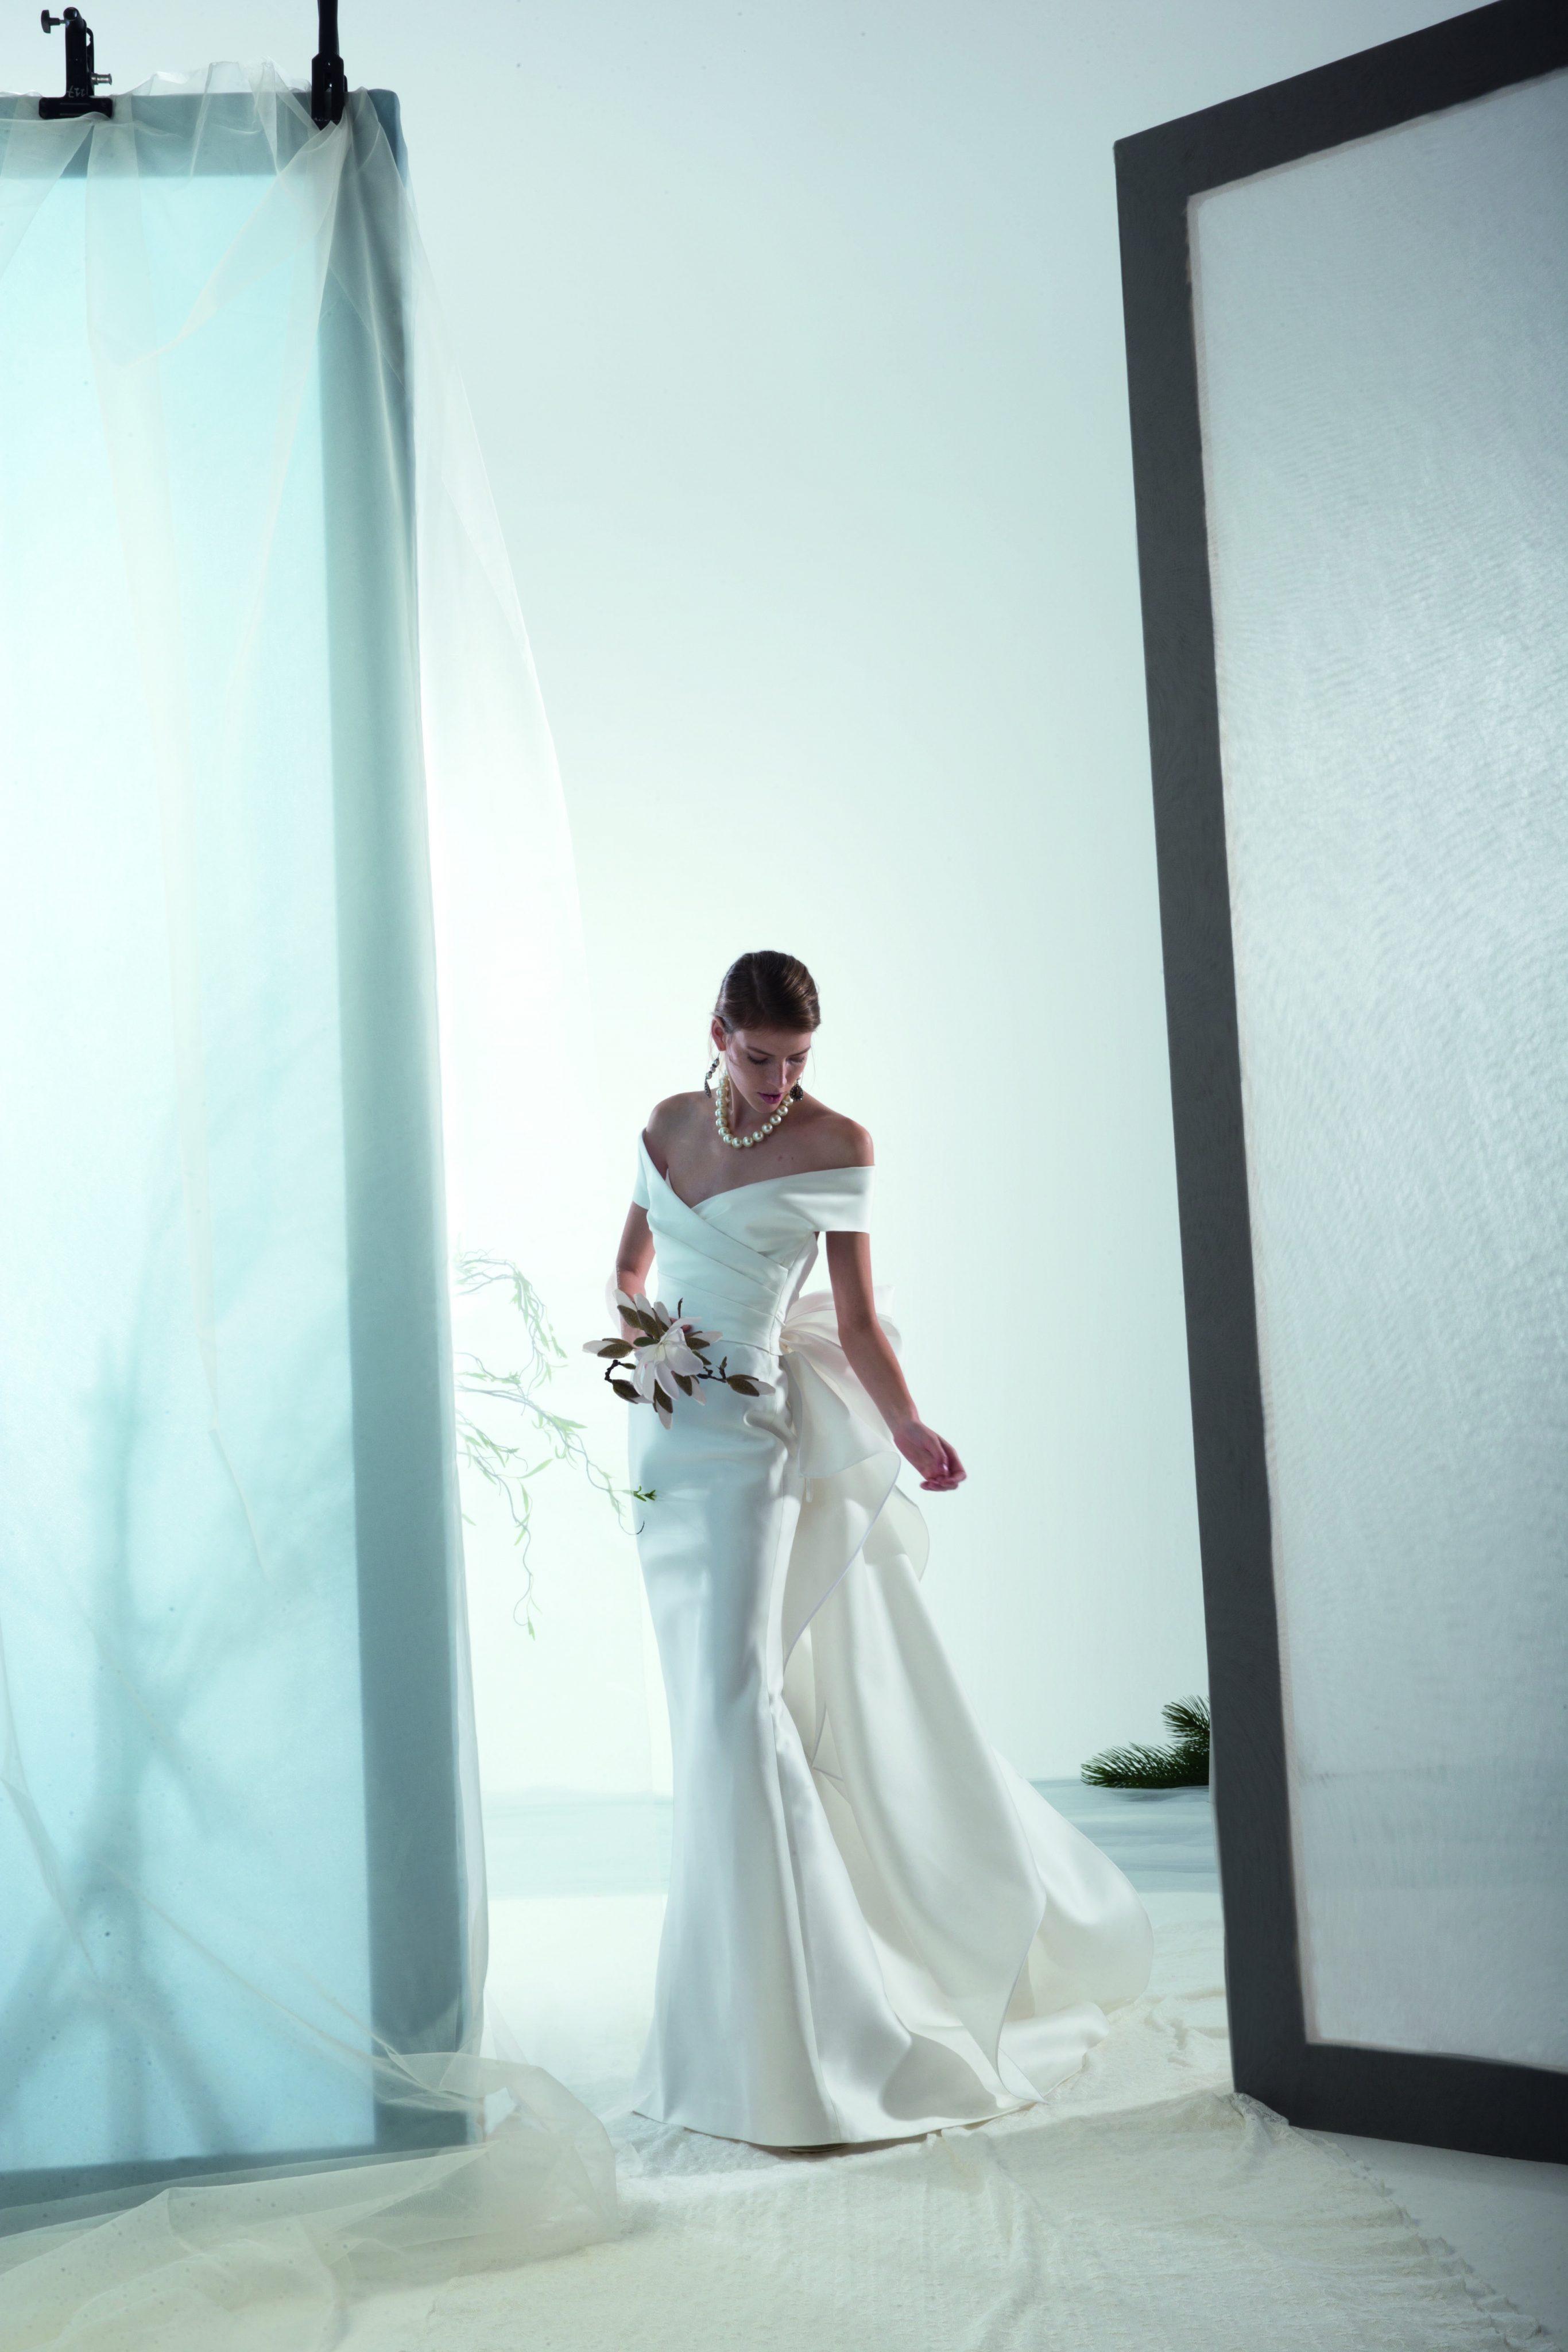 Ruched The Sheath Bodice Bridal Shoulder Wedding DressKleinfeld Off Y2WD9IEH